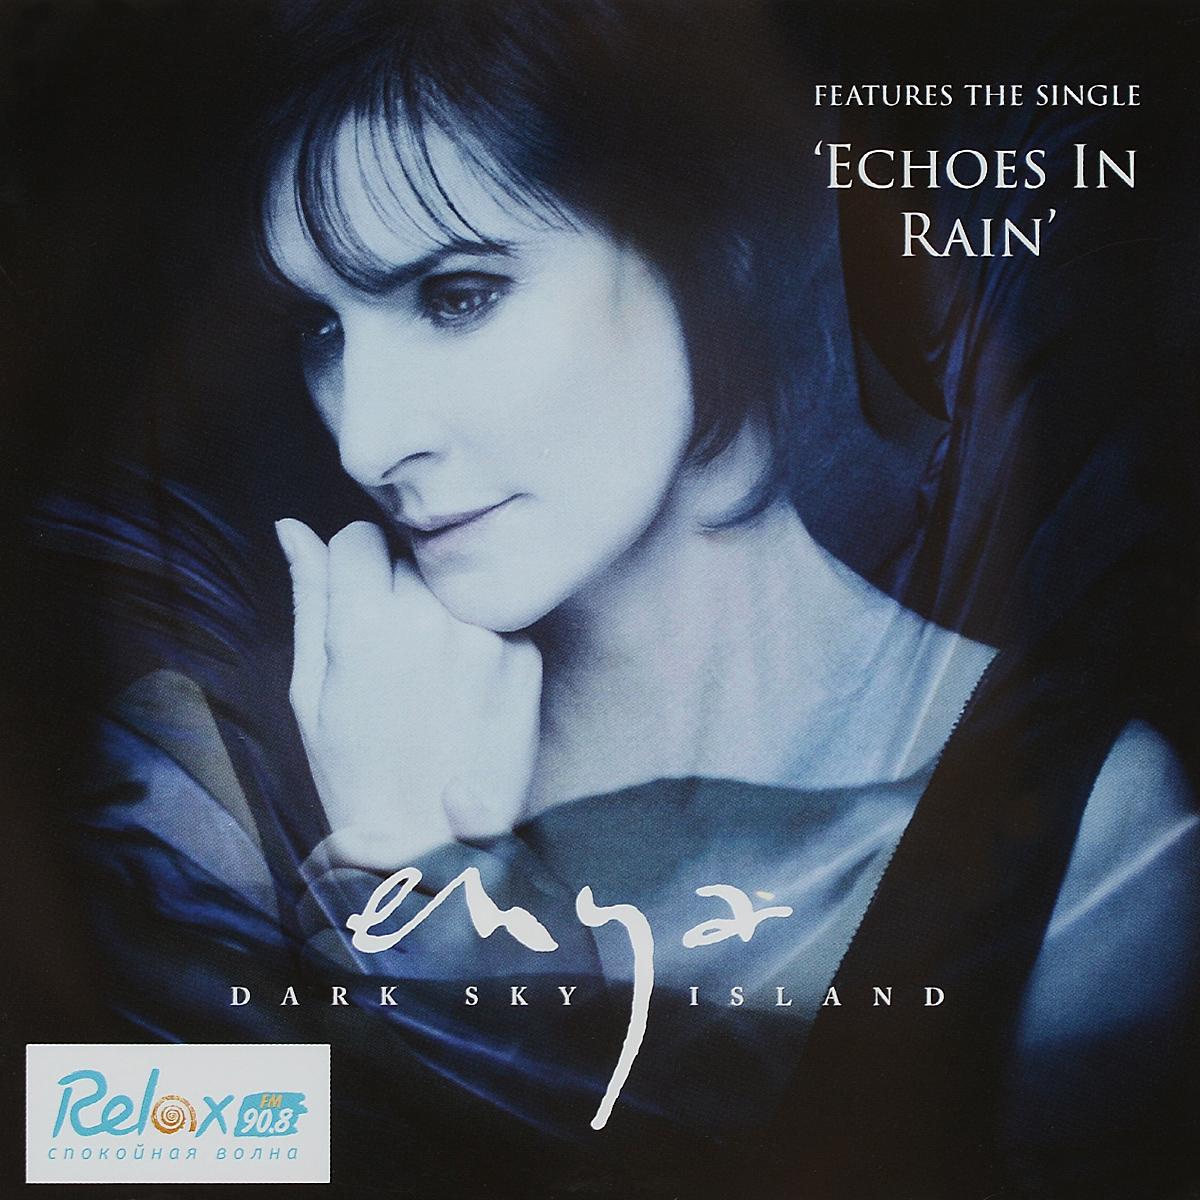 Издание содержит 16-страничный буклет с фотографиями, текстами песен и дополнительной информацией на английском языке.